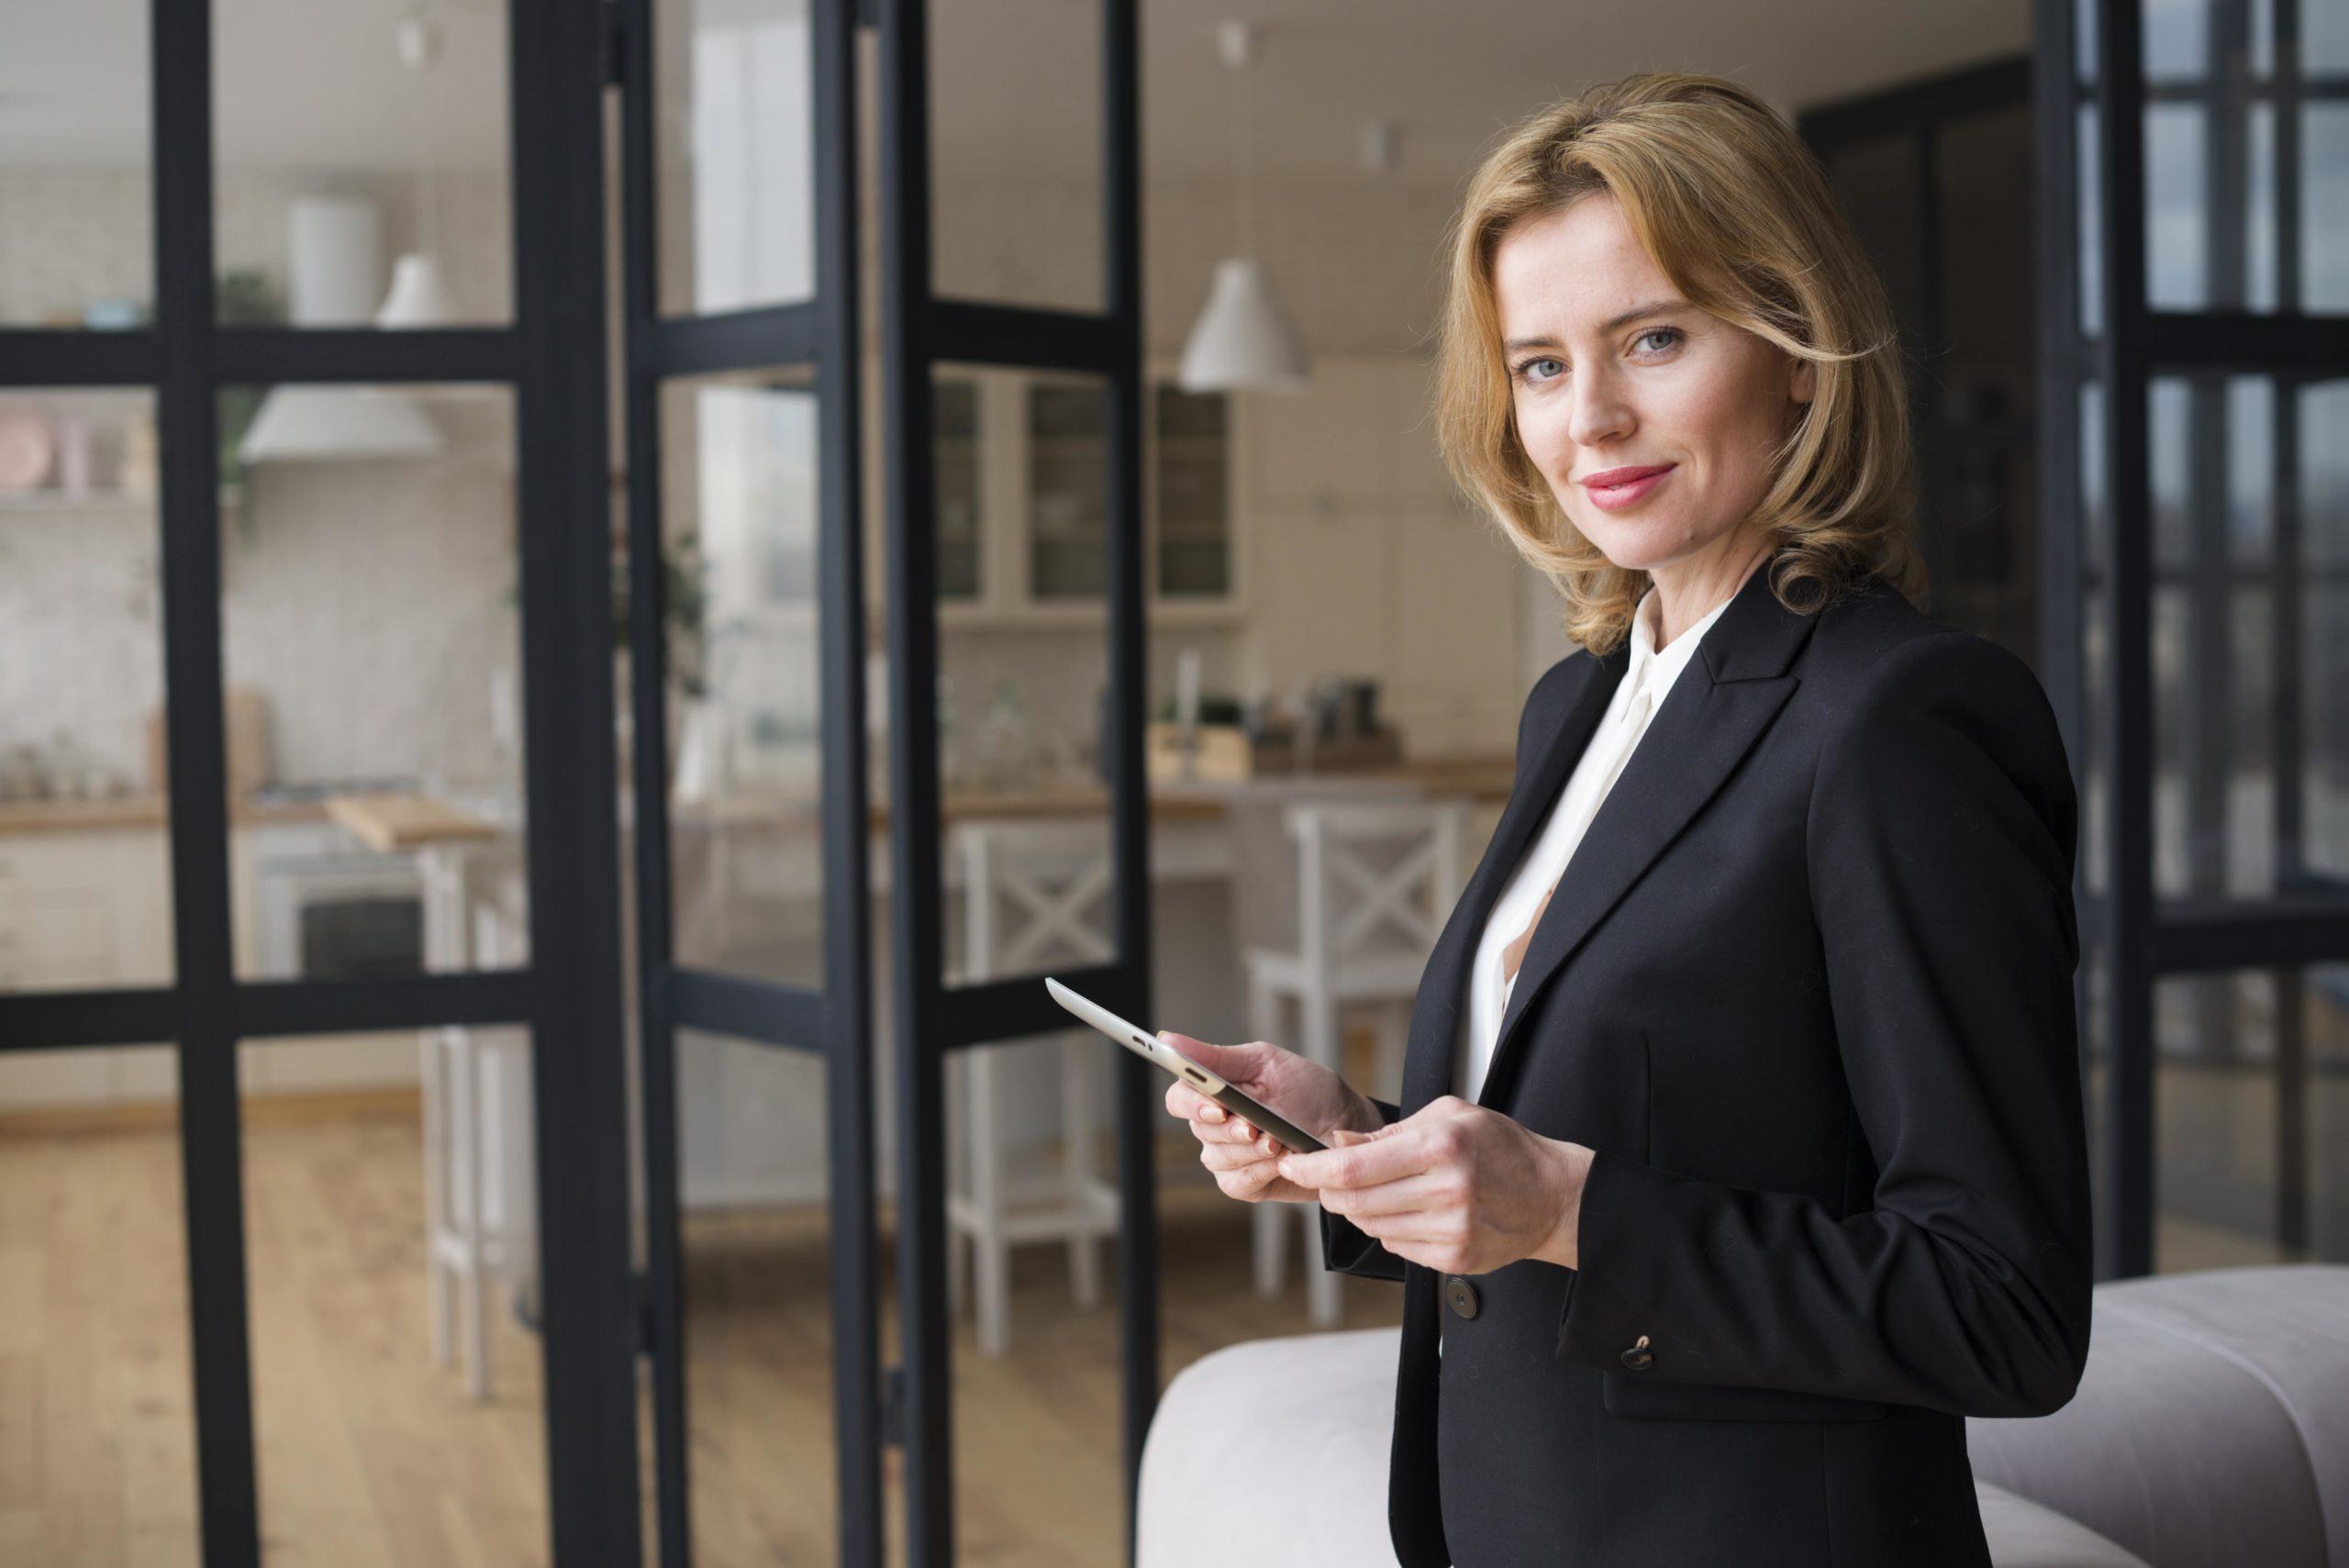 De voordelen van een WiFi netwerk voor u als zorgverlener